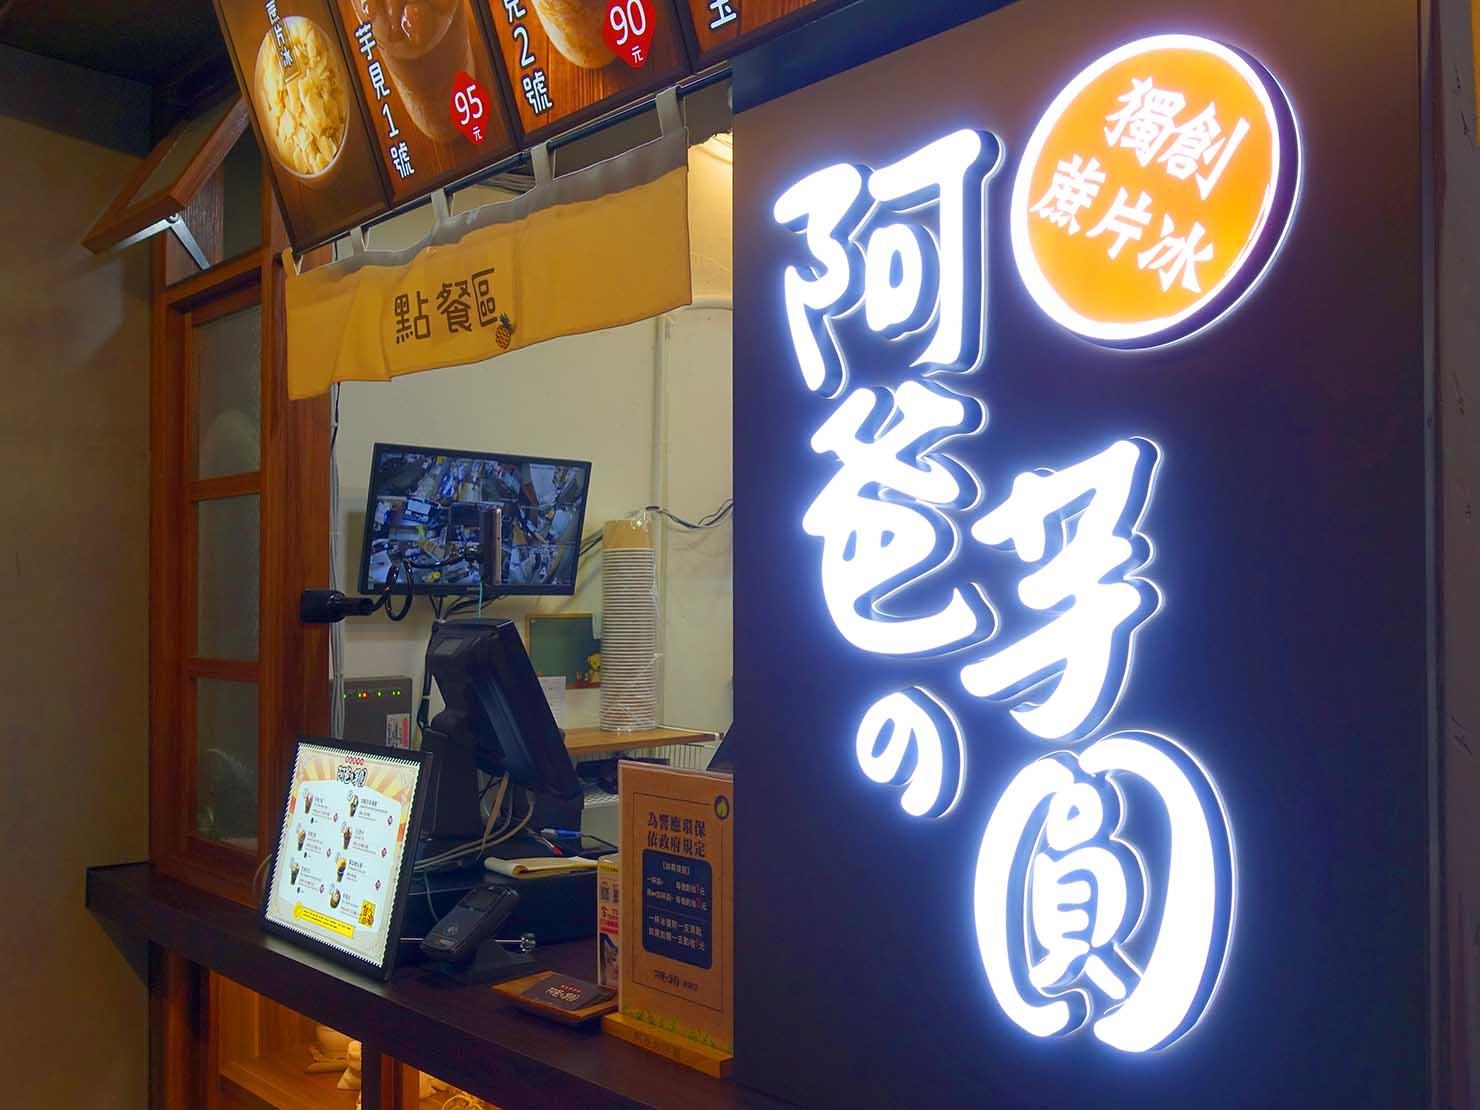 台北・西門町のおすすめひんやりスイーツ店「阿爸の芋圓」のカウンター